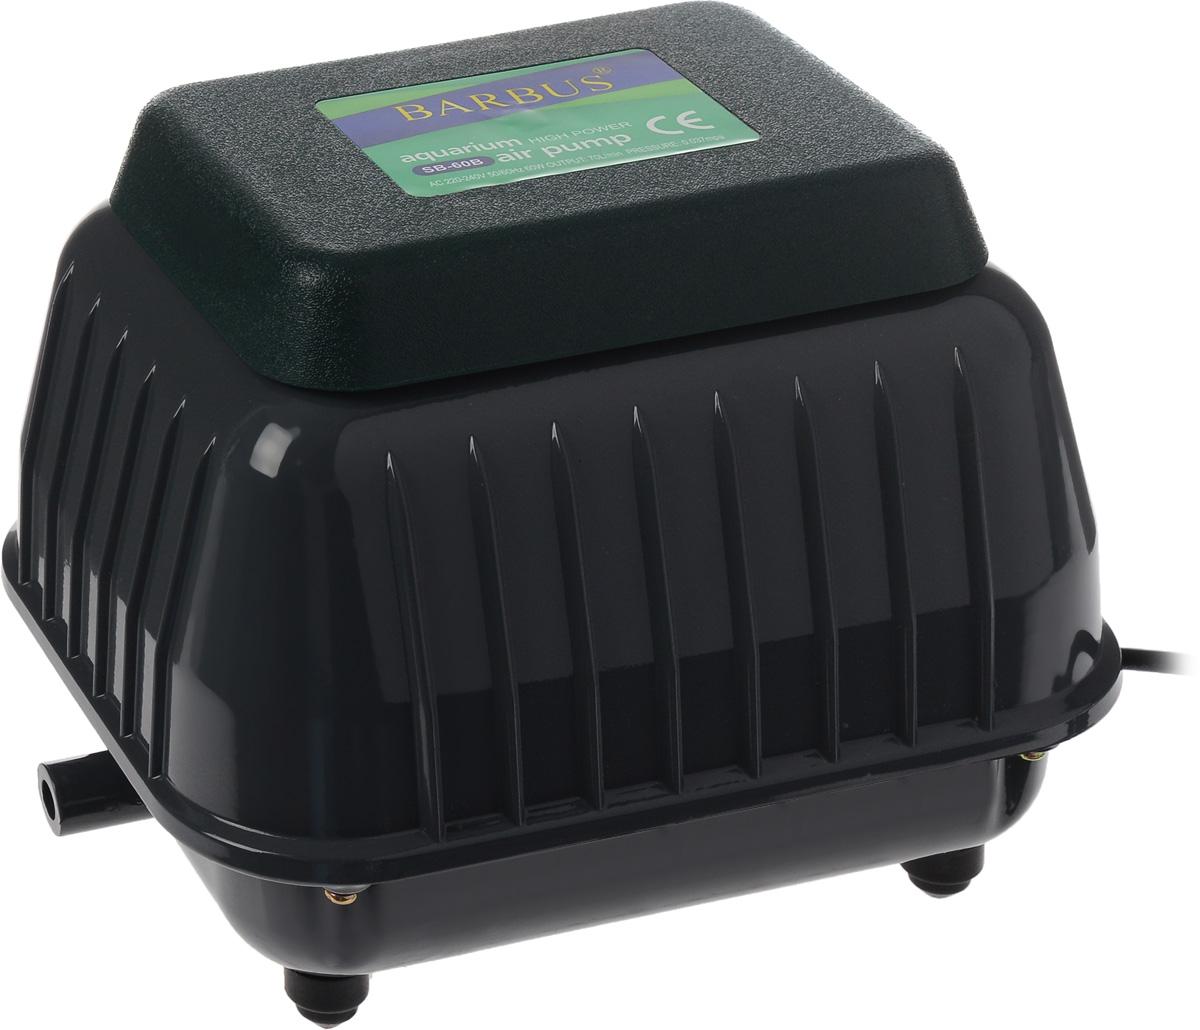 Компрессор воздушный аквариумный Barbus, 60 ВтSB-60BВоздушный аквариумный компрессор Barbus выполнен из прочного металла и пластика. Современная резиновая мембрана и клапан гарантируют долгий срок службы. Изделие обладает уникальной структурой с хорошим тепловыделением и низким уровнем шума. Компрессор имеет широкий спектр использования в рыбной ферме, пруду, аквариуме. Снизу расположены резиновые ножки, обеспечивающие устойчивость и не царапающие поверхность. Мощность: 60 Вт. Напряжение: 220-240В. Частота: 50/60 Гц. Производительность: 70 л/мин. Количество выходов гребенки: 14.